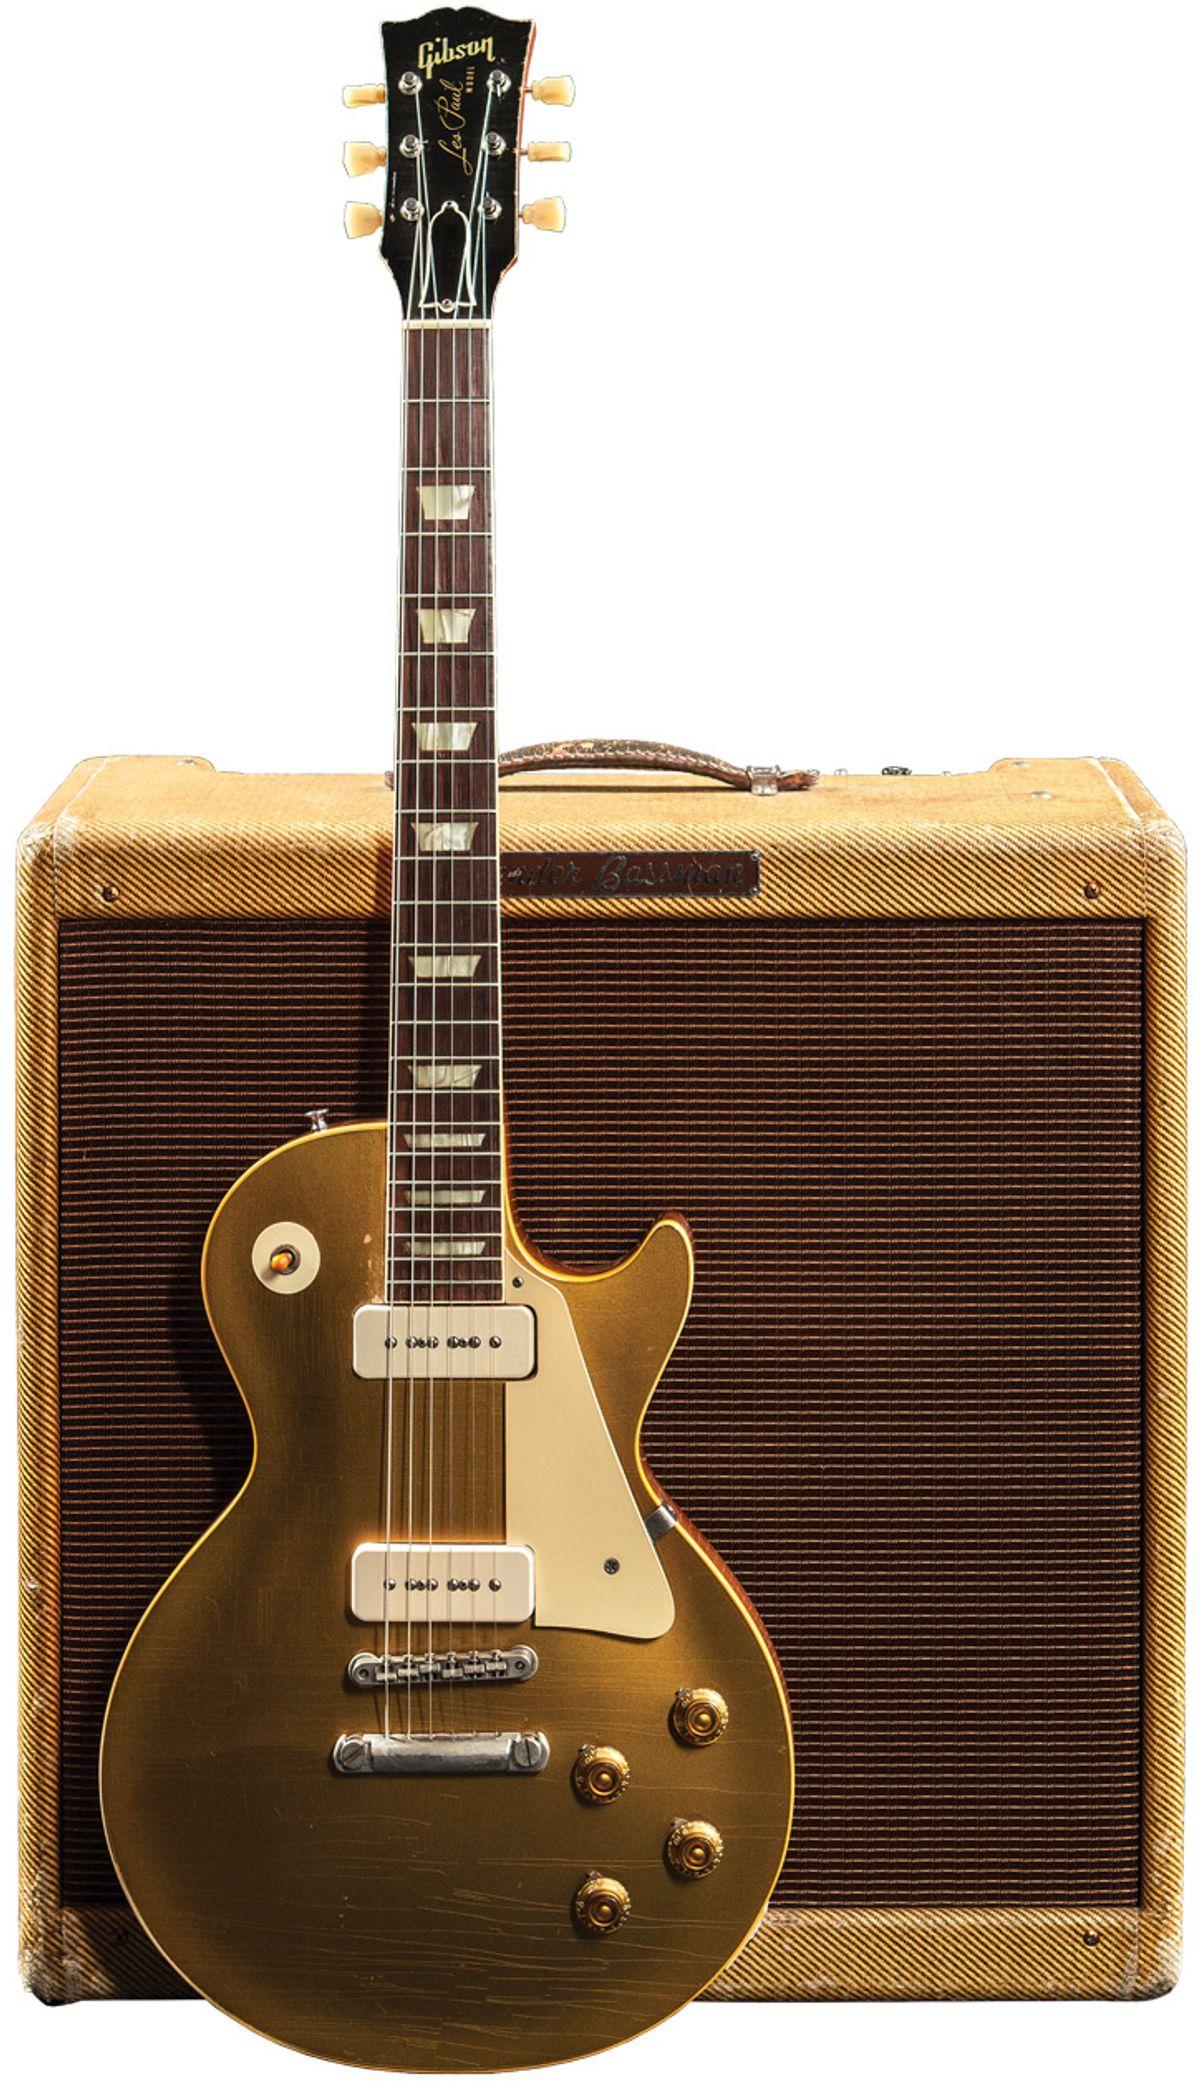 Vintage Vault: 1956 Gibson Les Paul